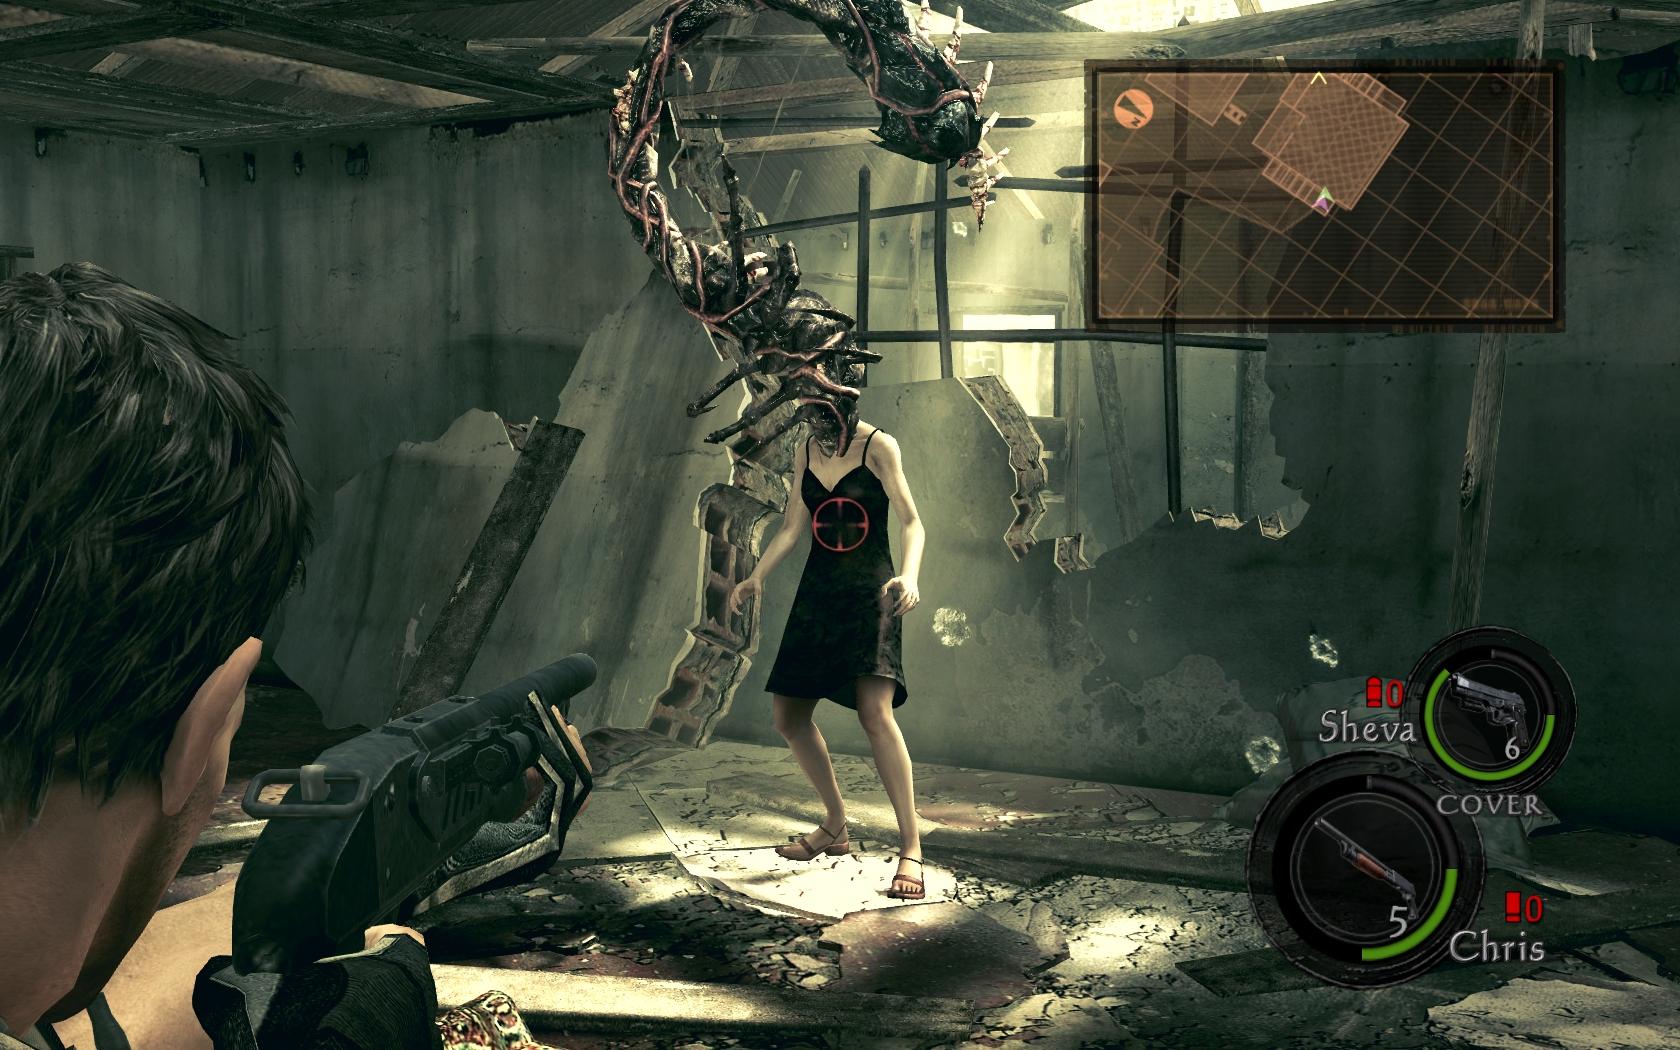 Hasil gambar untuk resident evil 5 gameplay